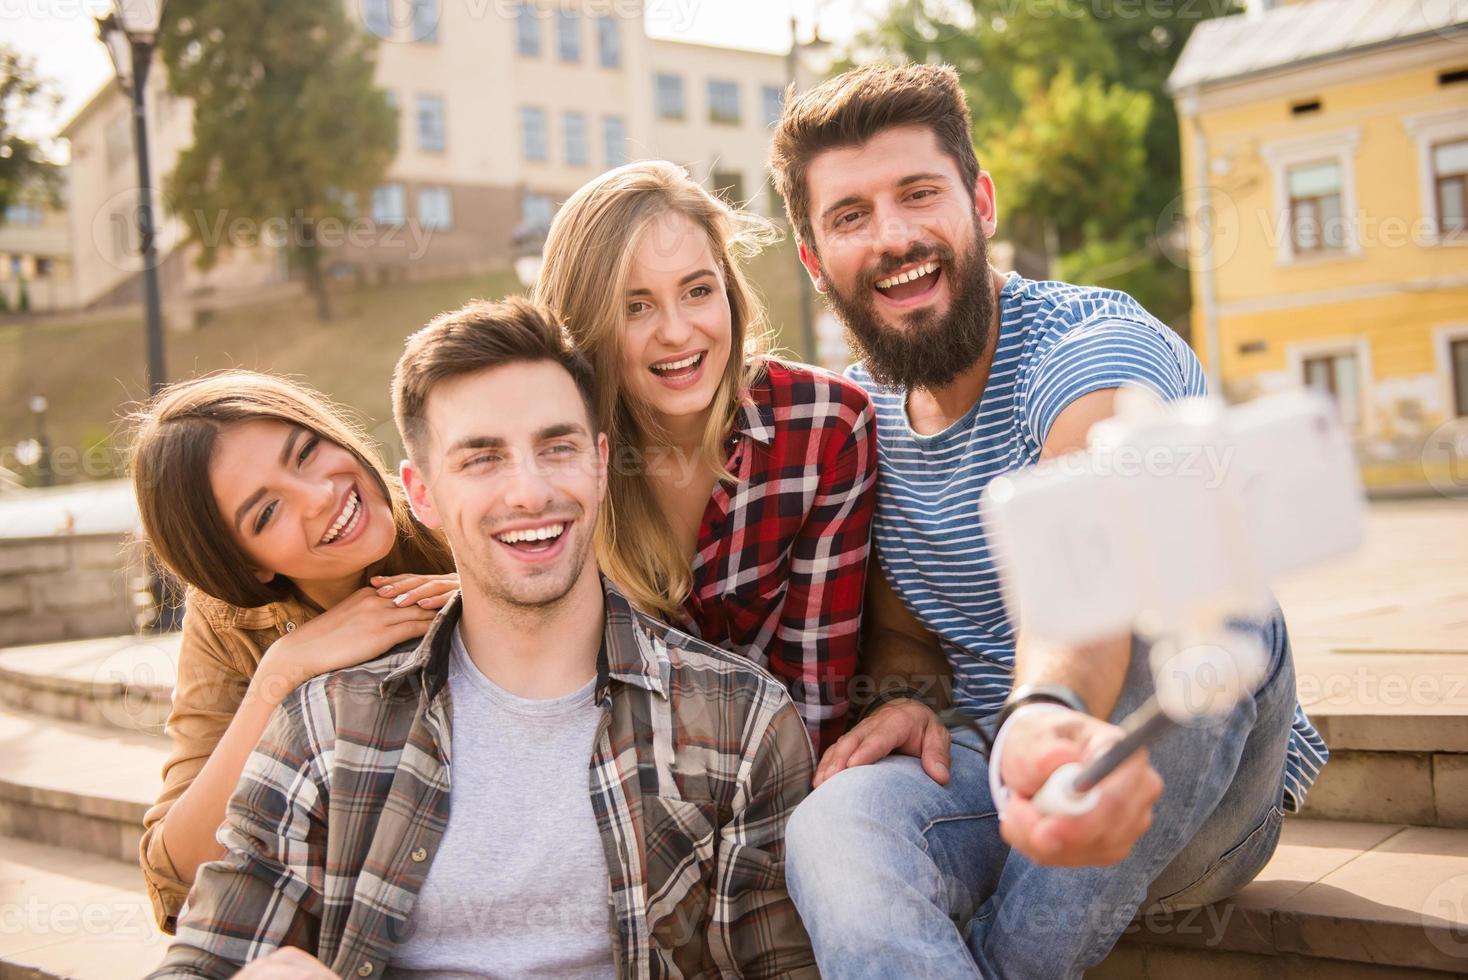 amis à l'extérieur photo